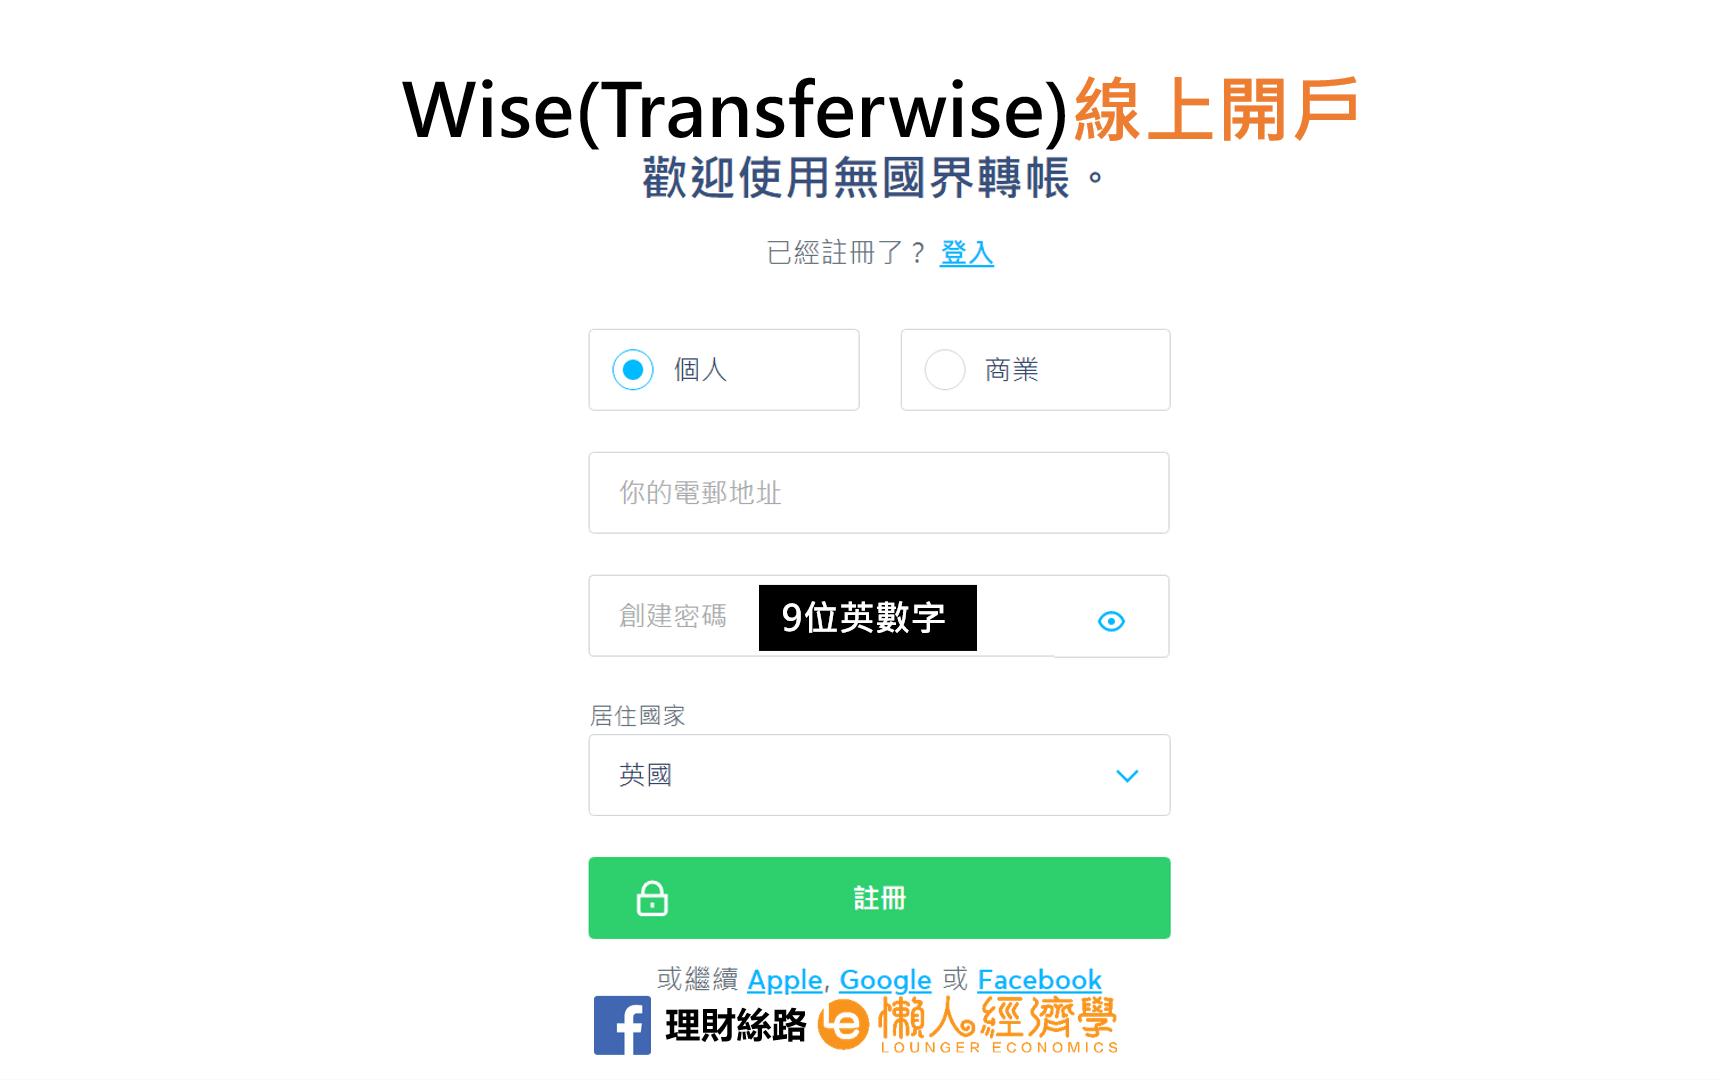 WISE輸入基本資料